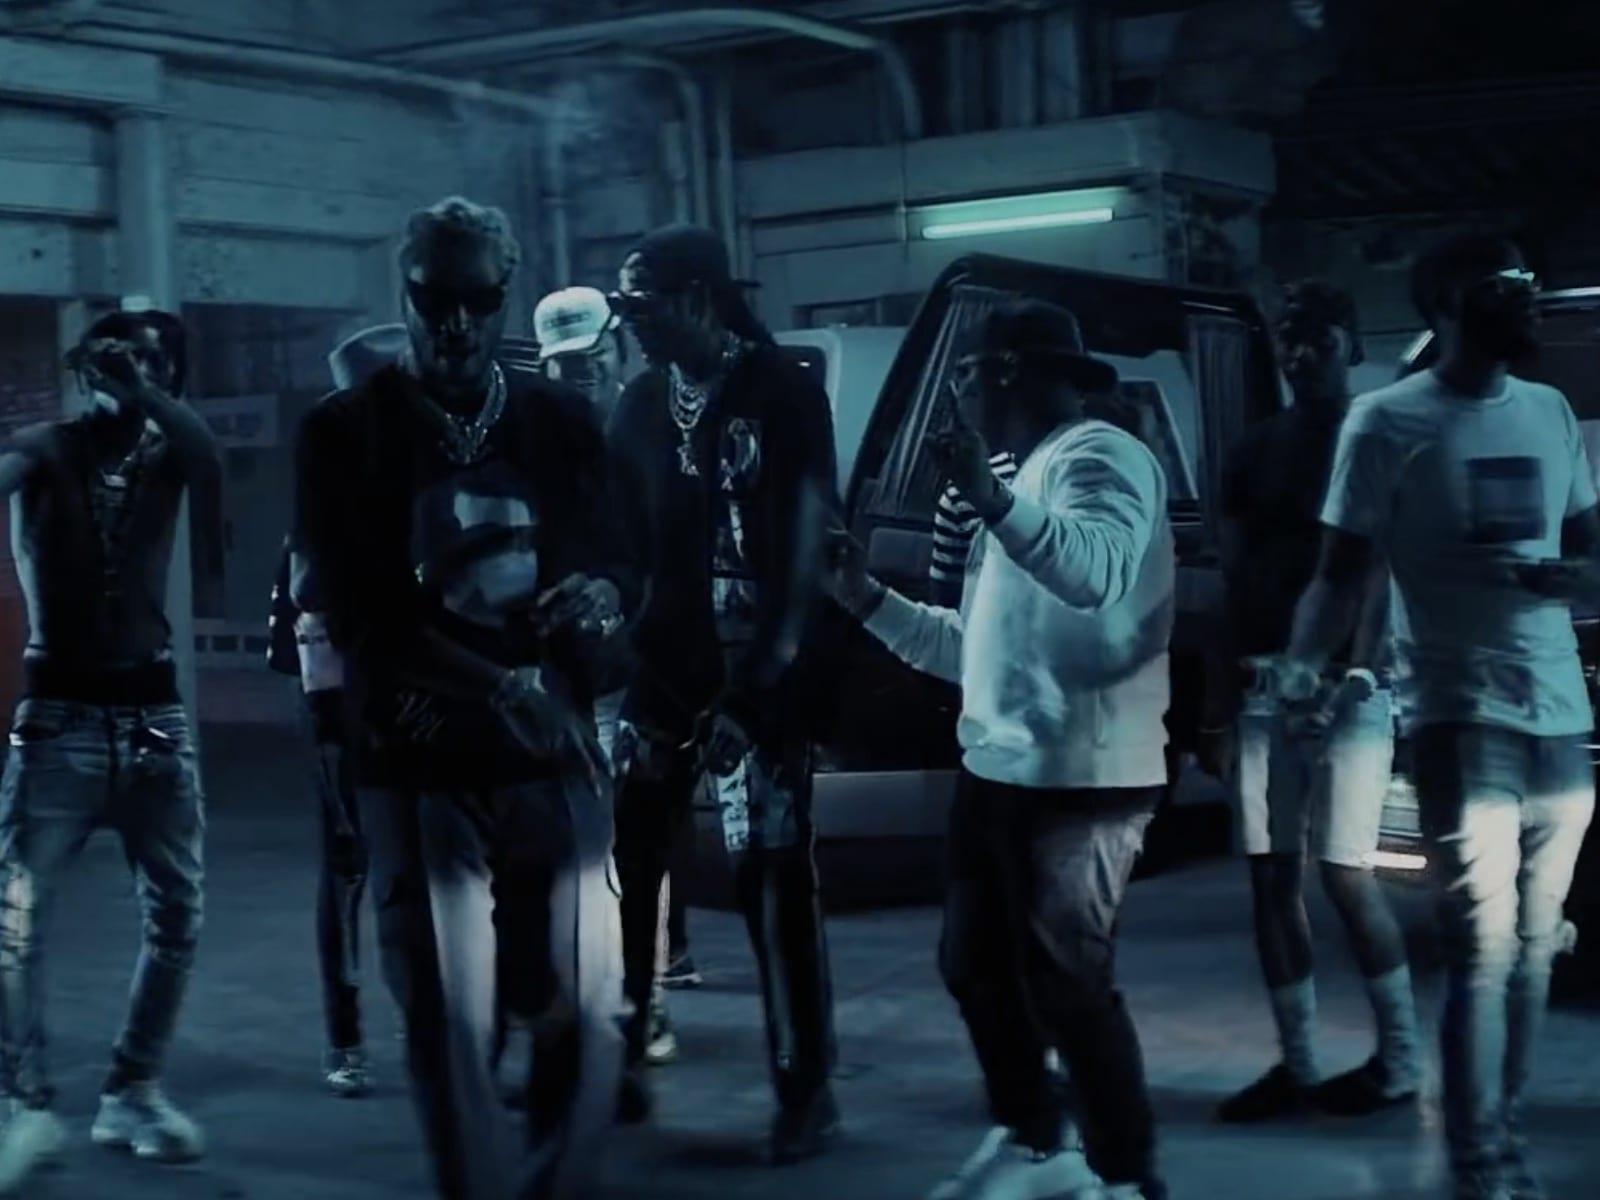 2 Chainz Future Video